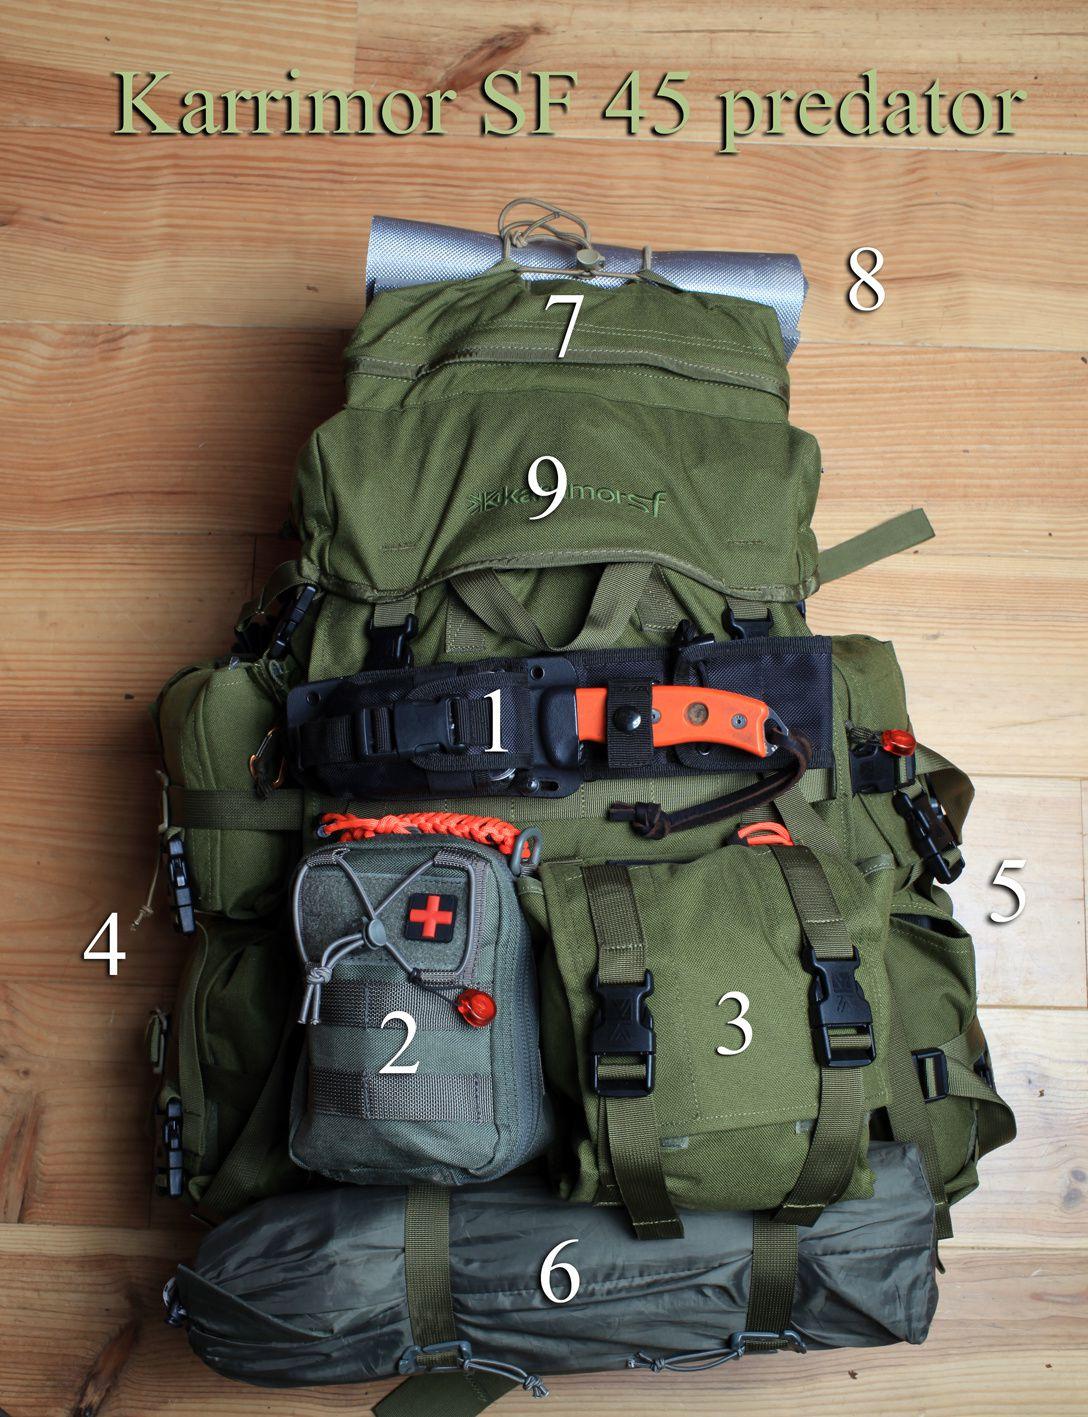 1- ESEE 5 / 2- Trousse de secours avancée/ 3- Omni pouch Karrimor/ 4- Side Pocket Karrimor / 5- Side Pocket Karrimor / 6- Tarp / 7- Poche somitale / 8- Morceau de tapis de sol / 9- Compartiment principal.